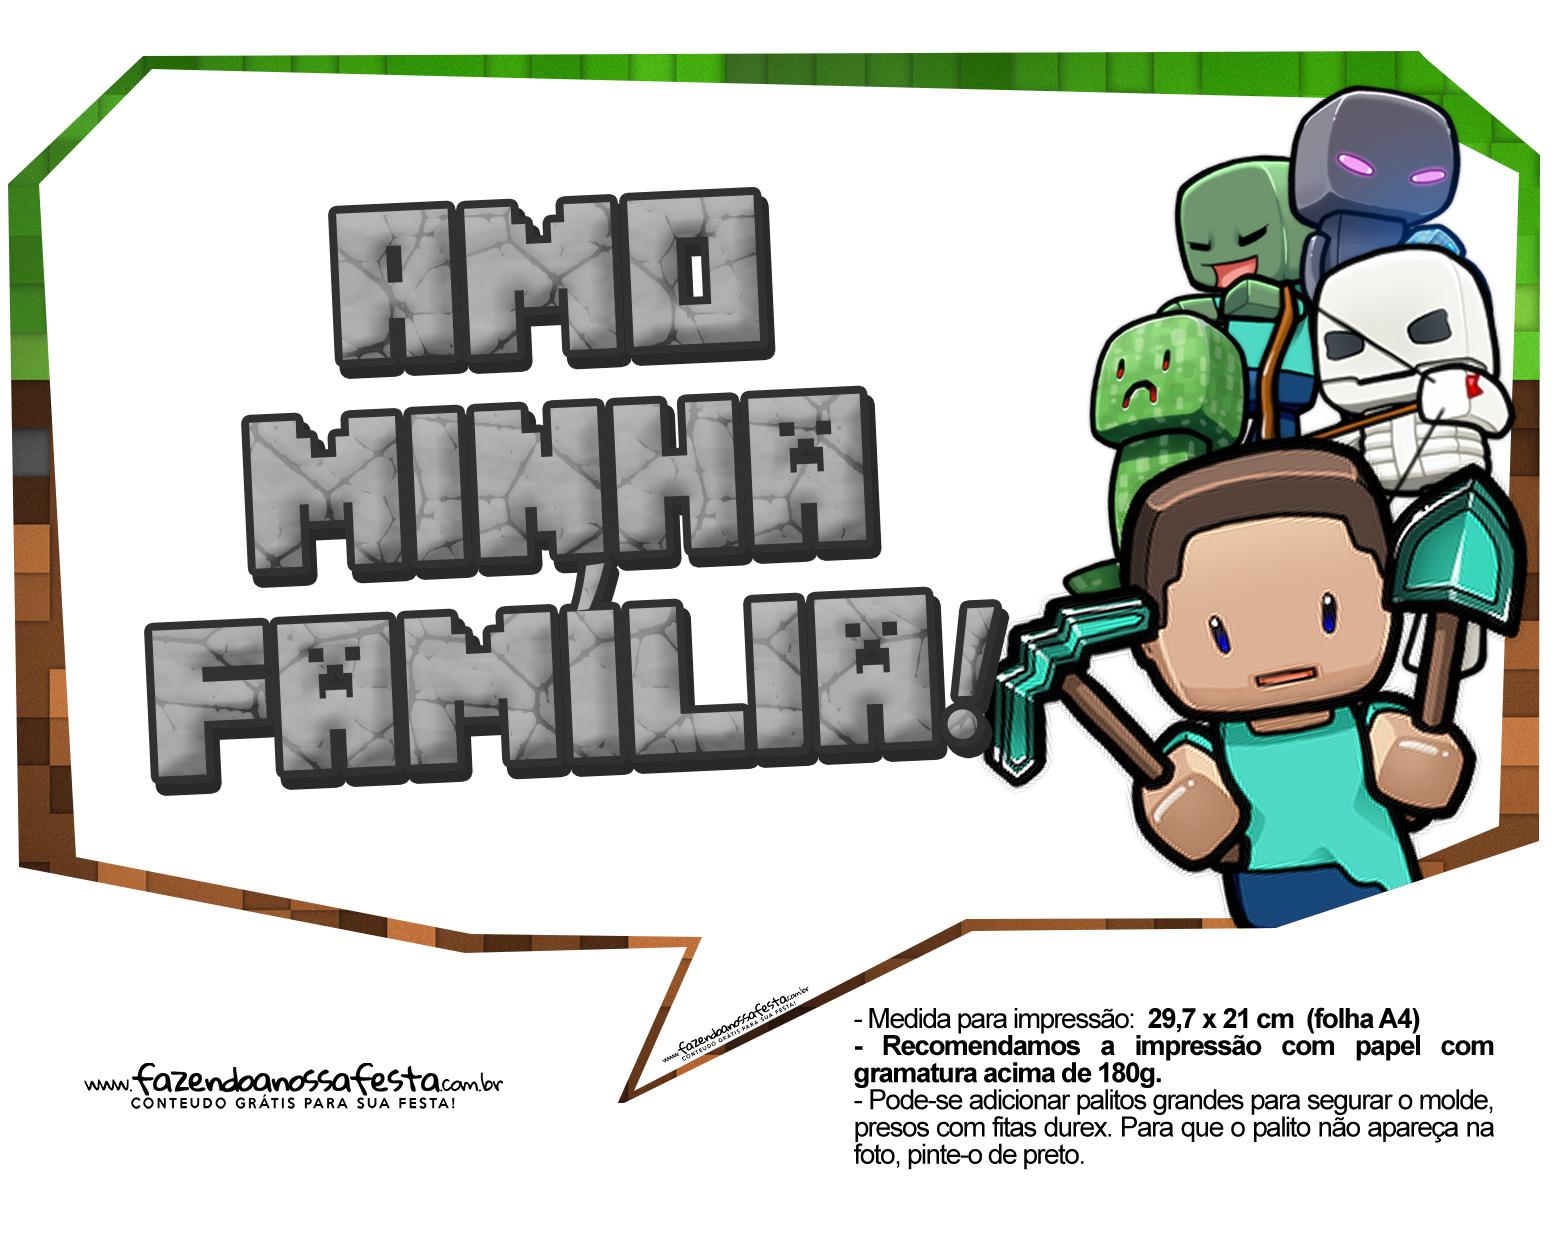 Letras Minegraft Fazendo A Nossa Festa: Plaquinhas Para Festa Minecraft 31